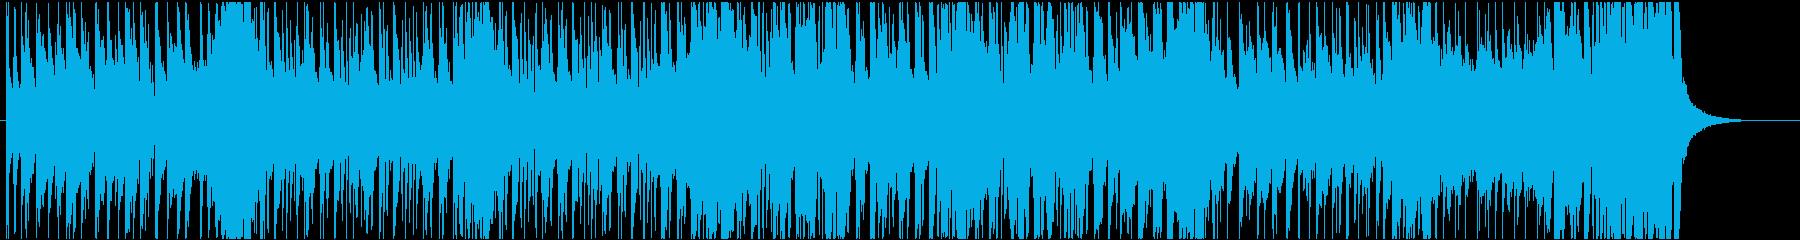 アップテンポなCM向けビッグバンドジャズの再生済みの波形